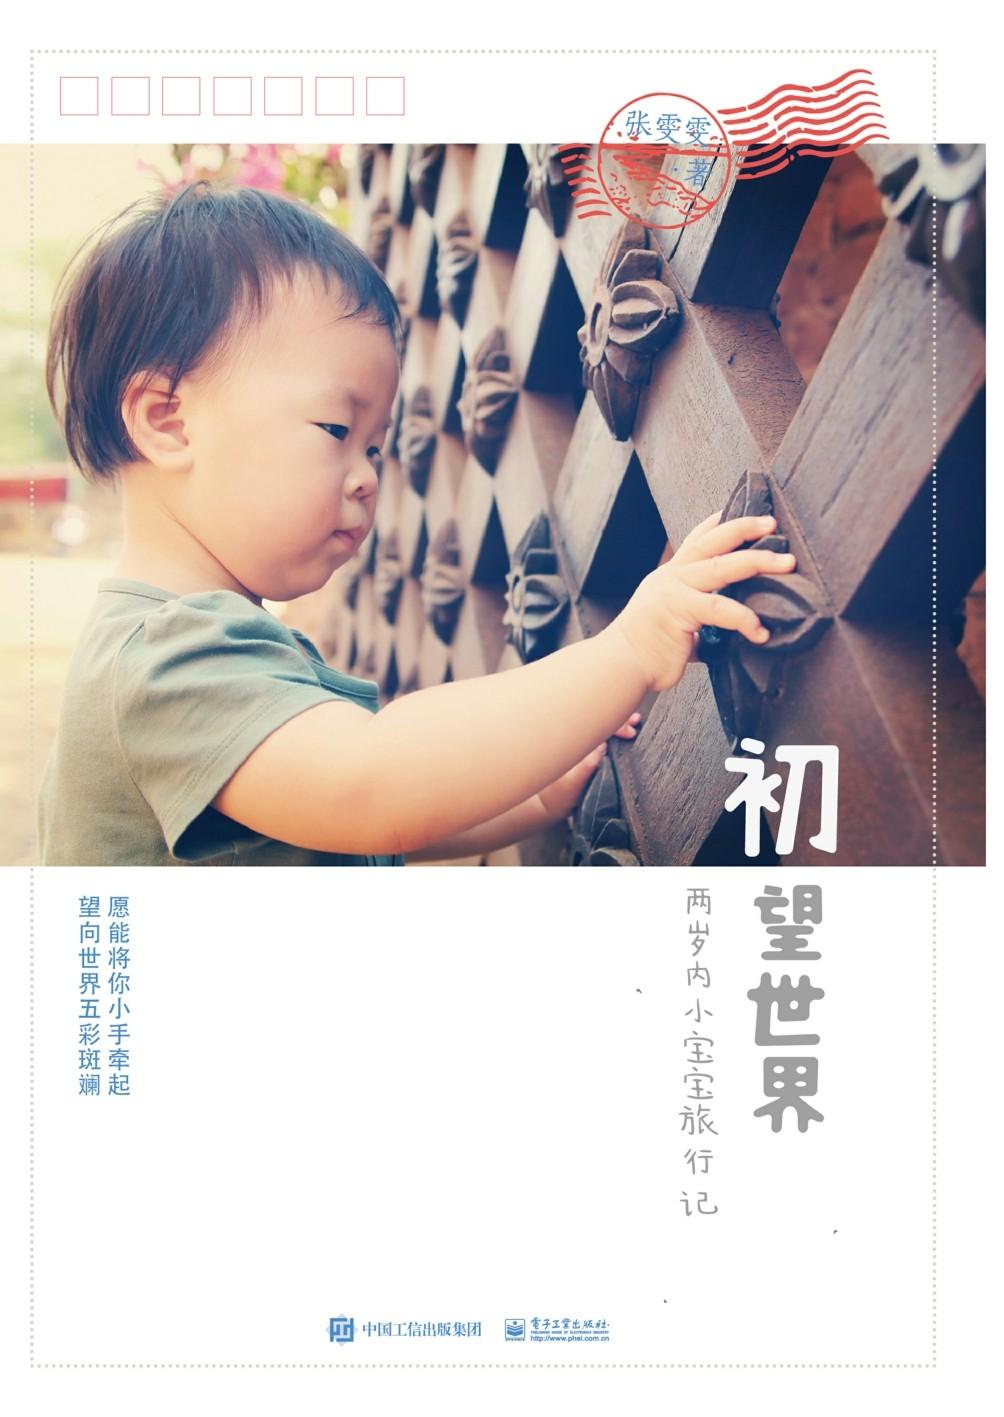 初望世界:两岁内小宝宝旅行记